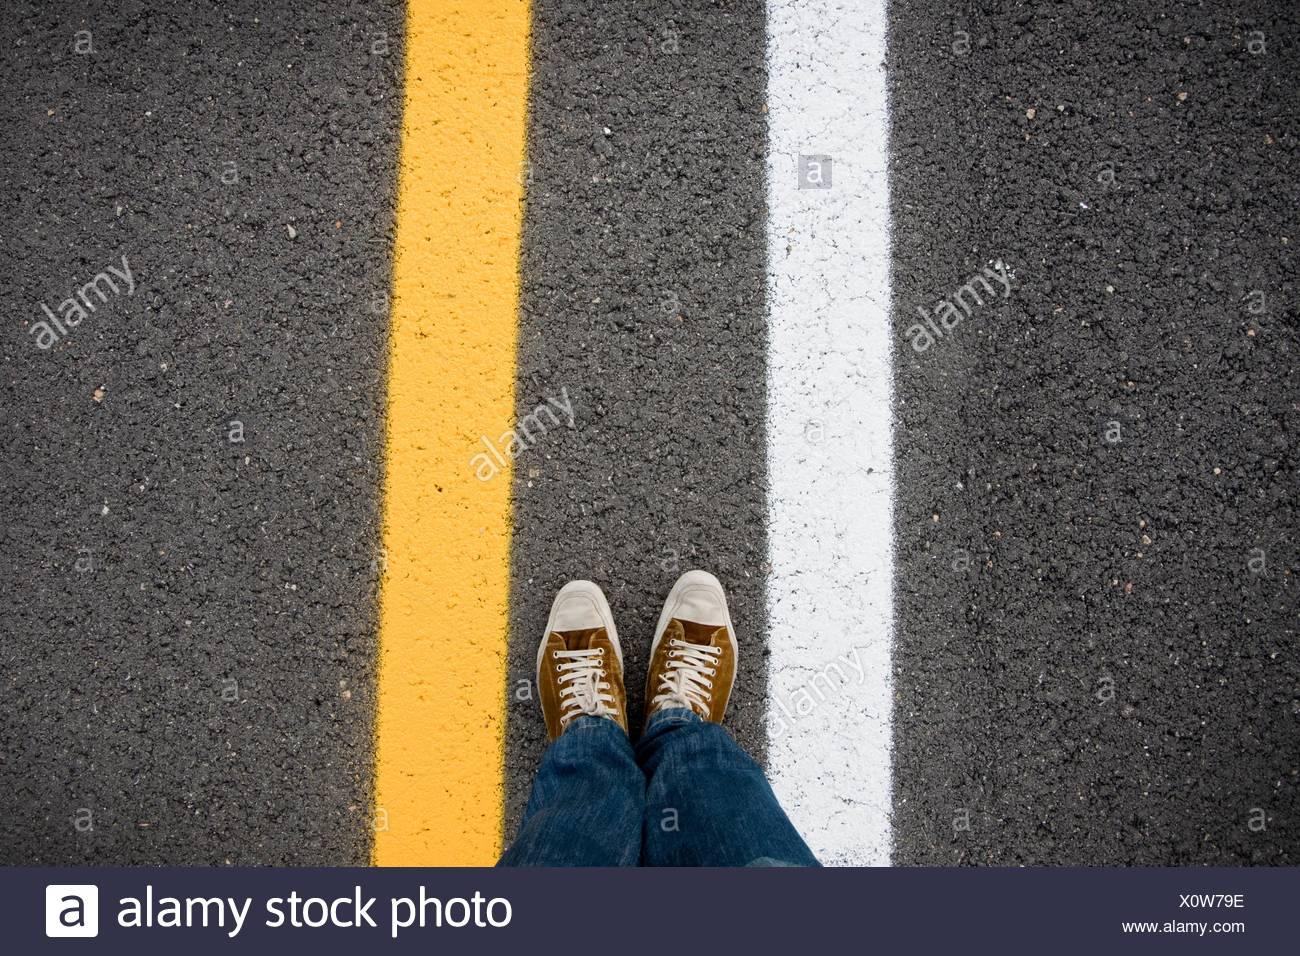 Asfalto. segnale stradale, torte. positivo, asfalto. Il segnale di strada. Immagini Stock